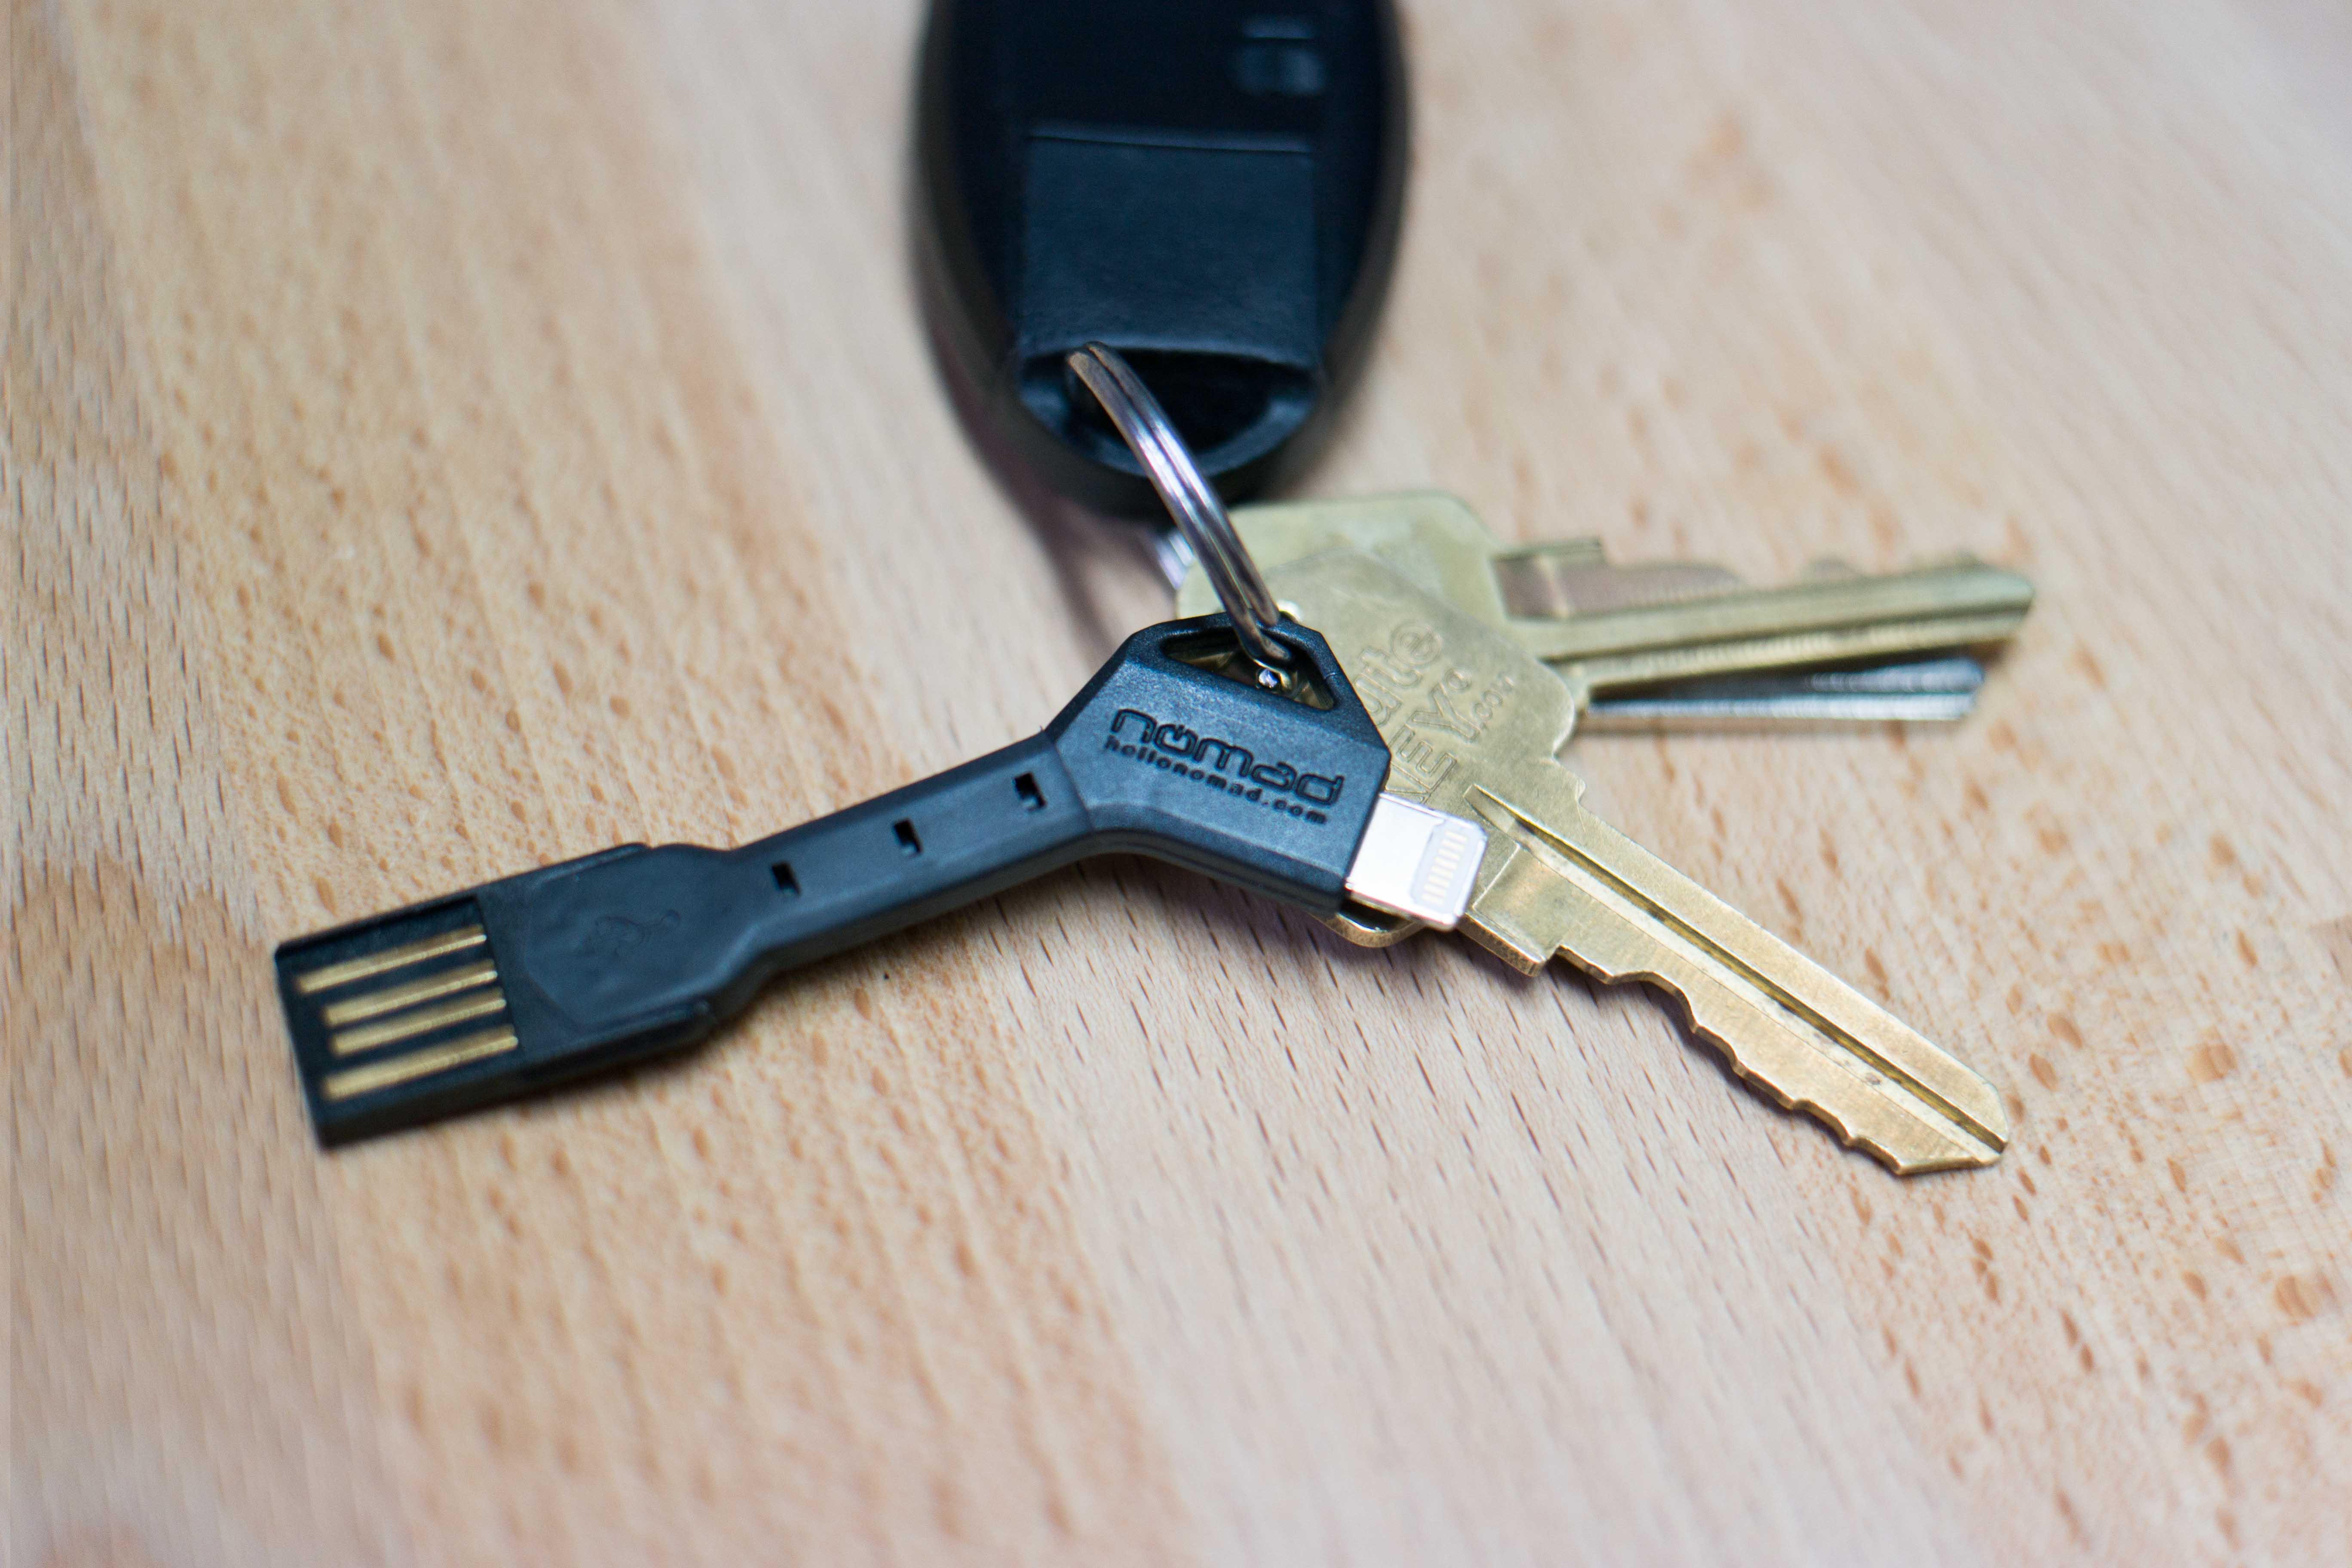 ChargeKey Nomad Keys